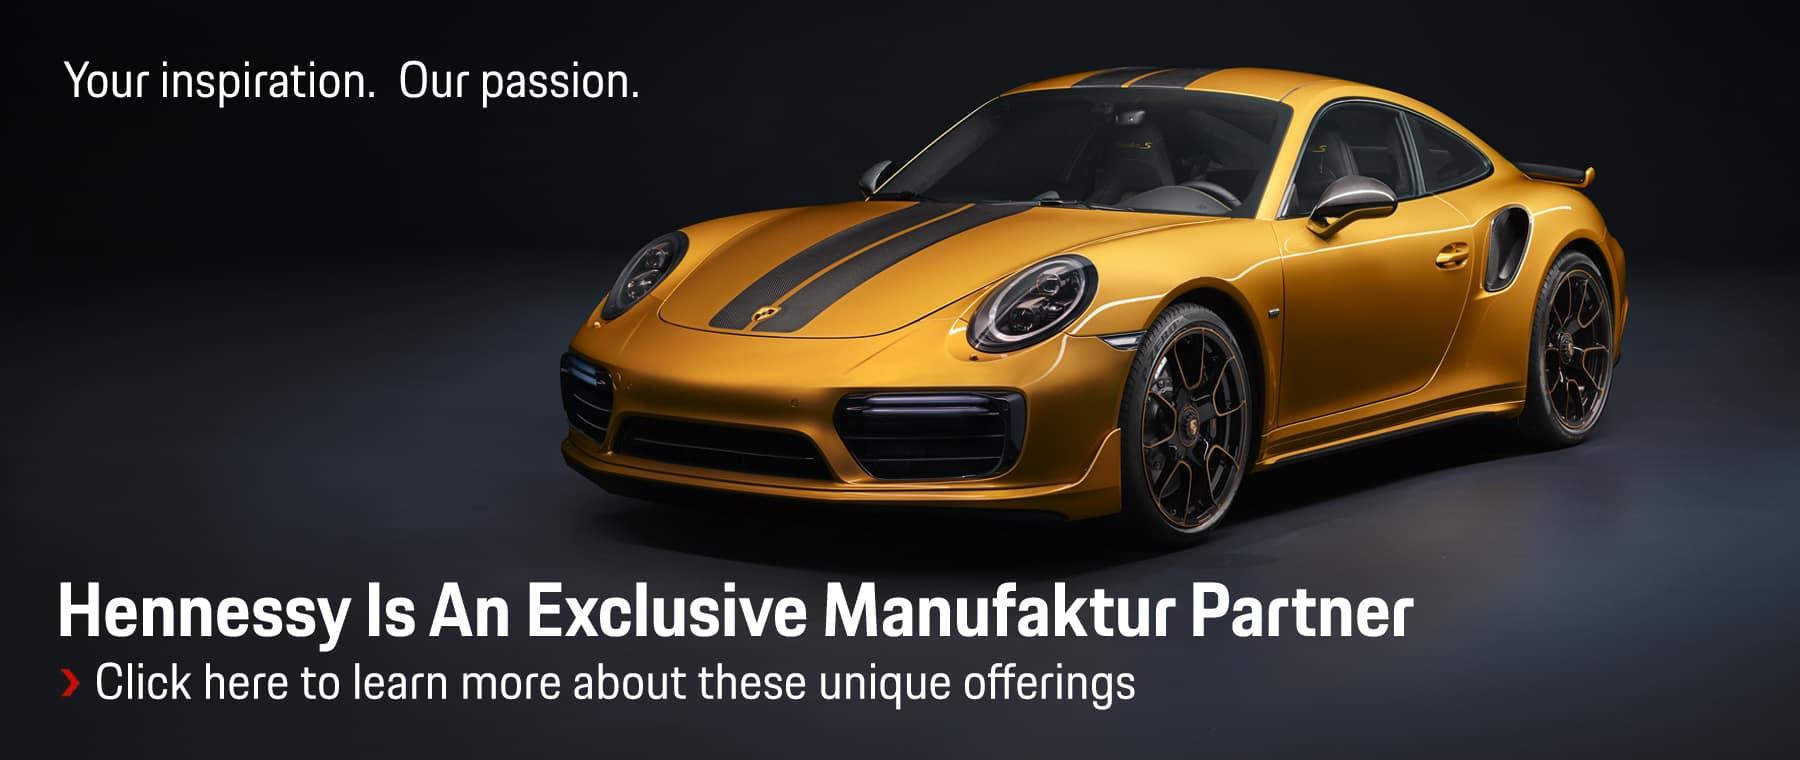 Porsche Dealer in Roswell, GA | Hennessy Porsche North Atlanta